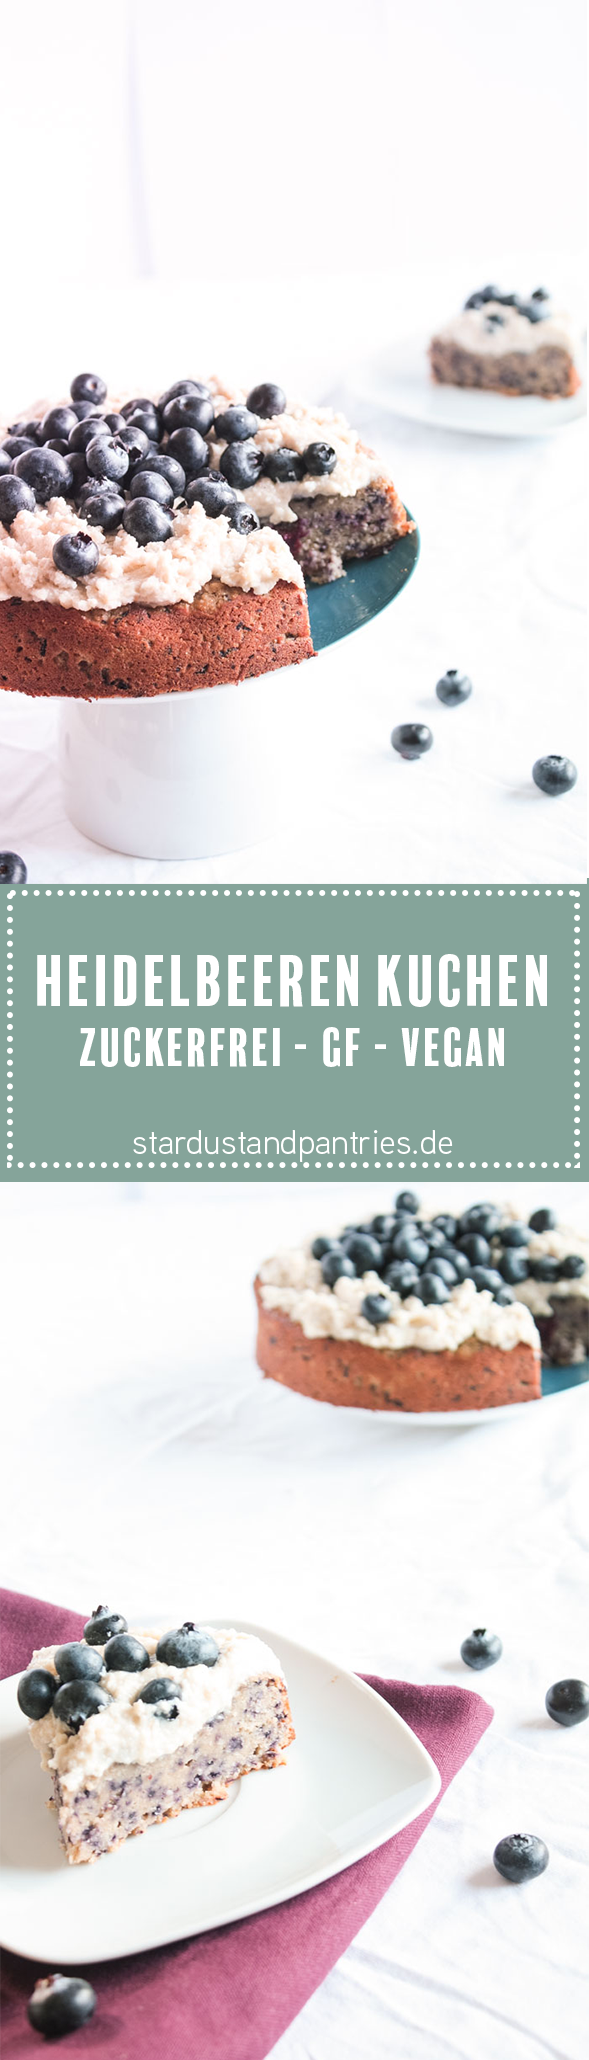 Zuckerfrei Backen Glutenfreier Und Veganer Heidelbeerenkuchen